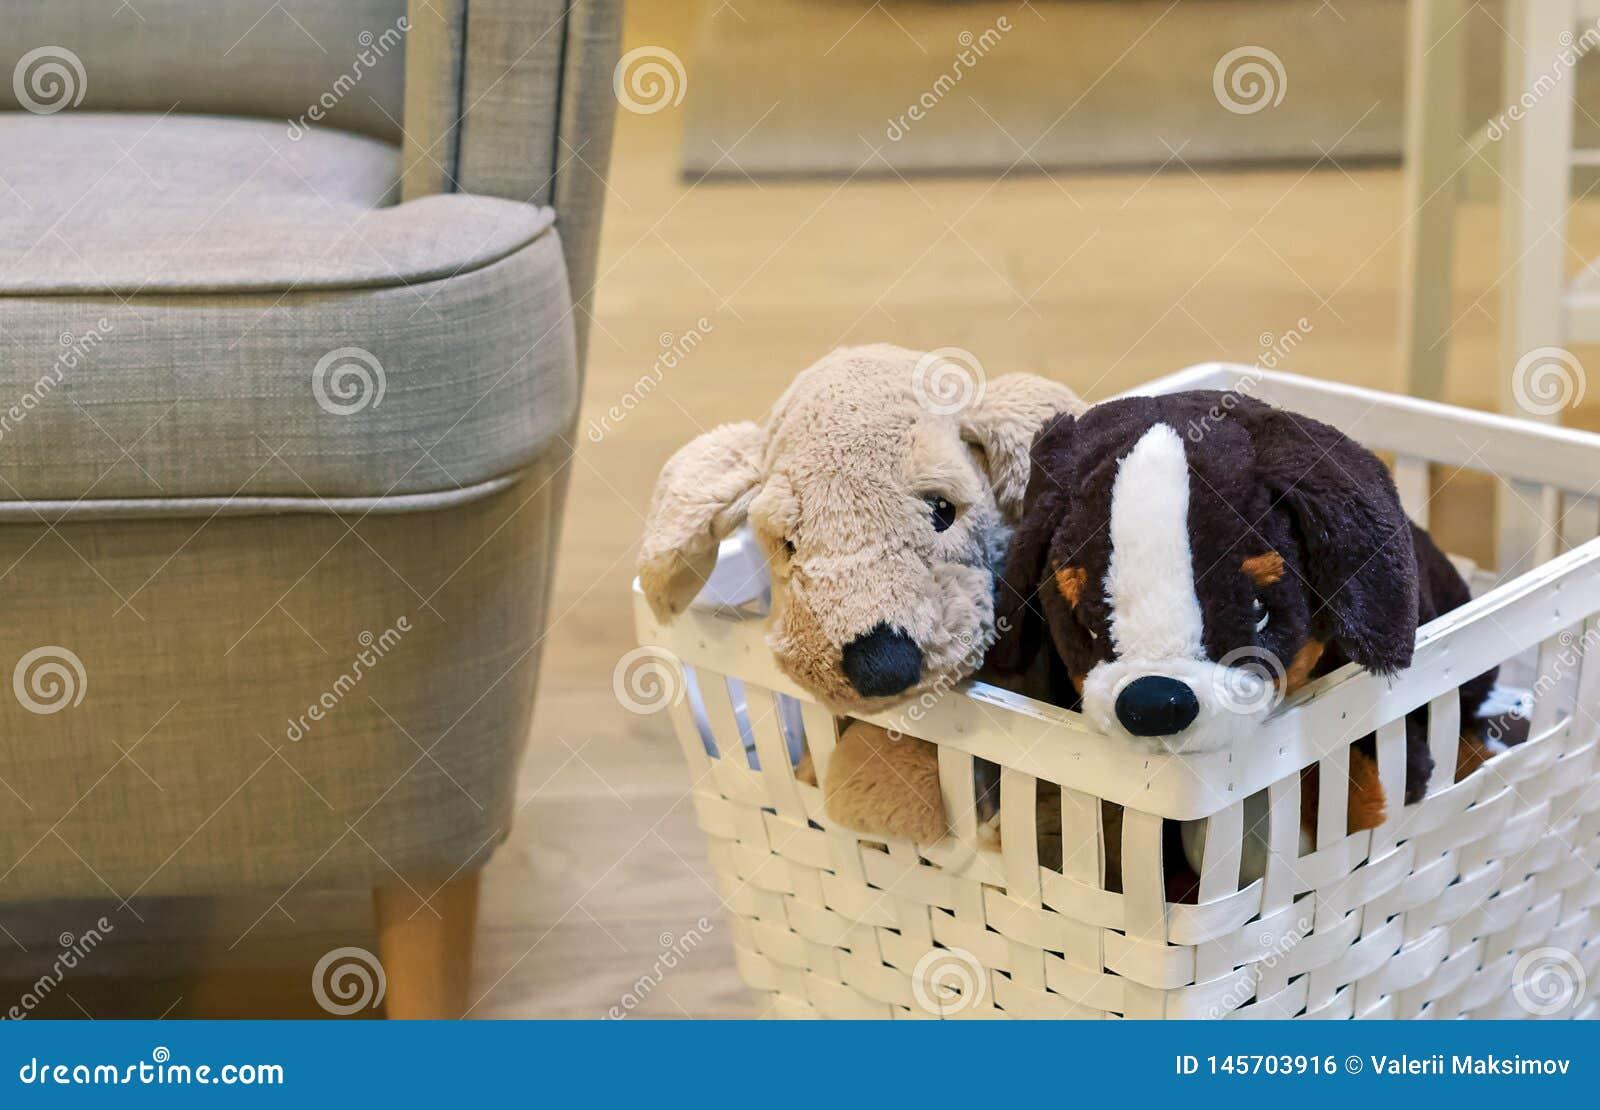 Dos perritos de la felpa en una cesta de mimbre blanca Perrito suave del juguete